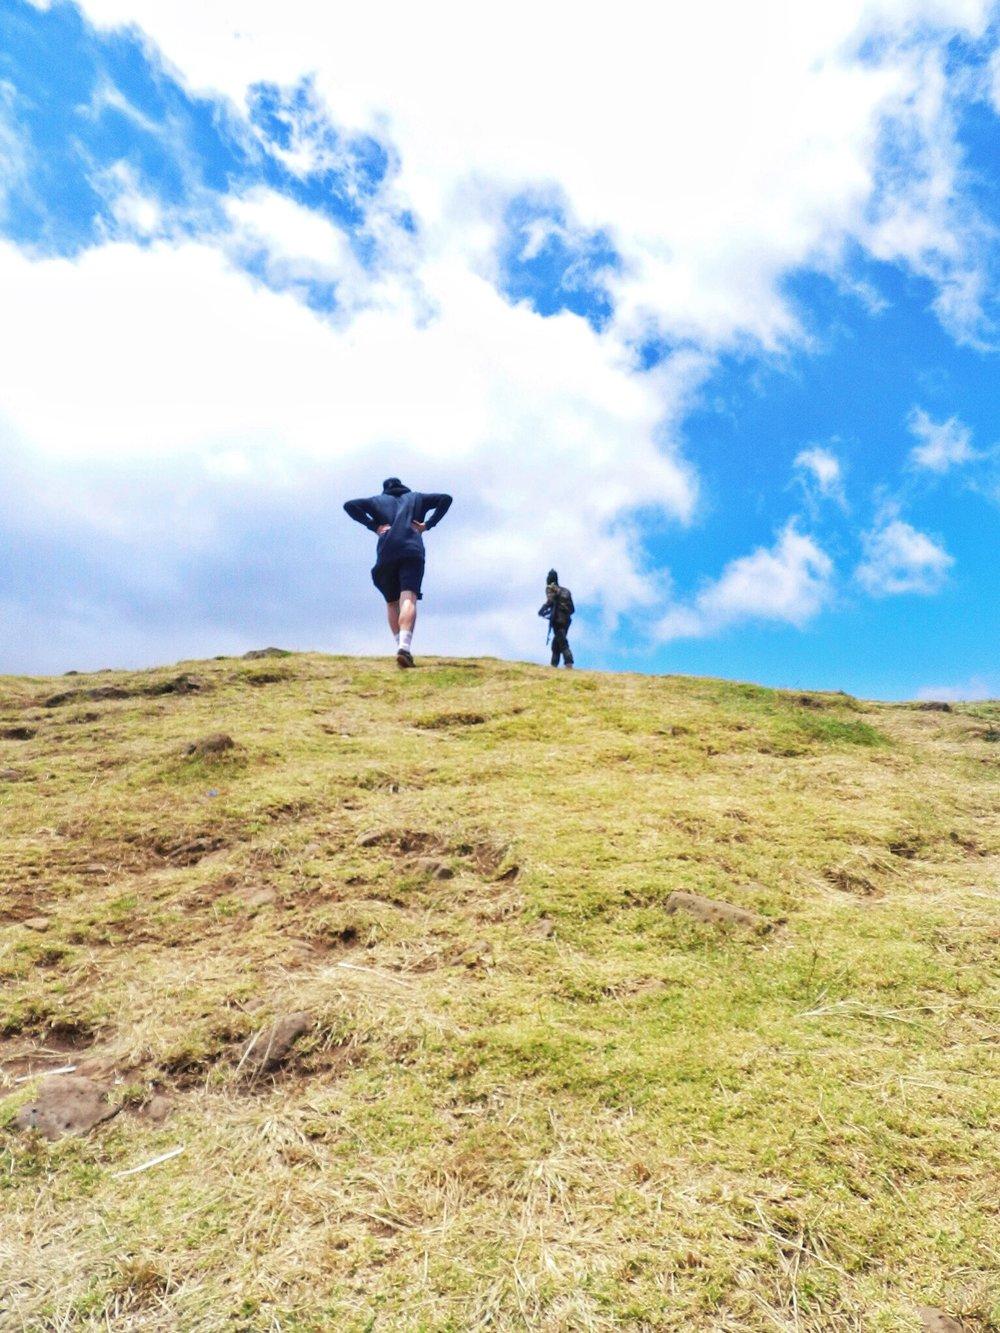 ngong-hills-hike-sky